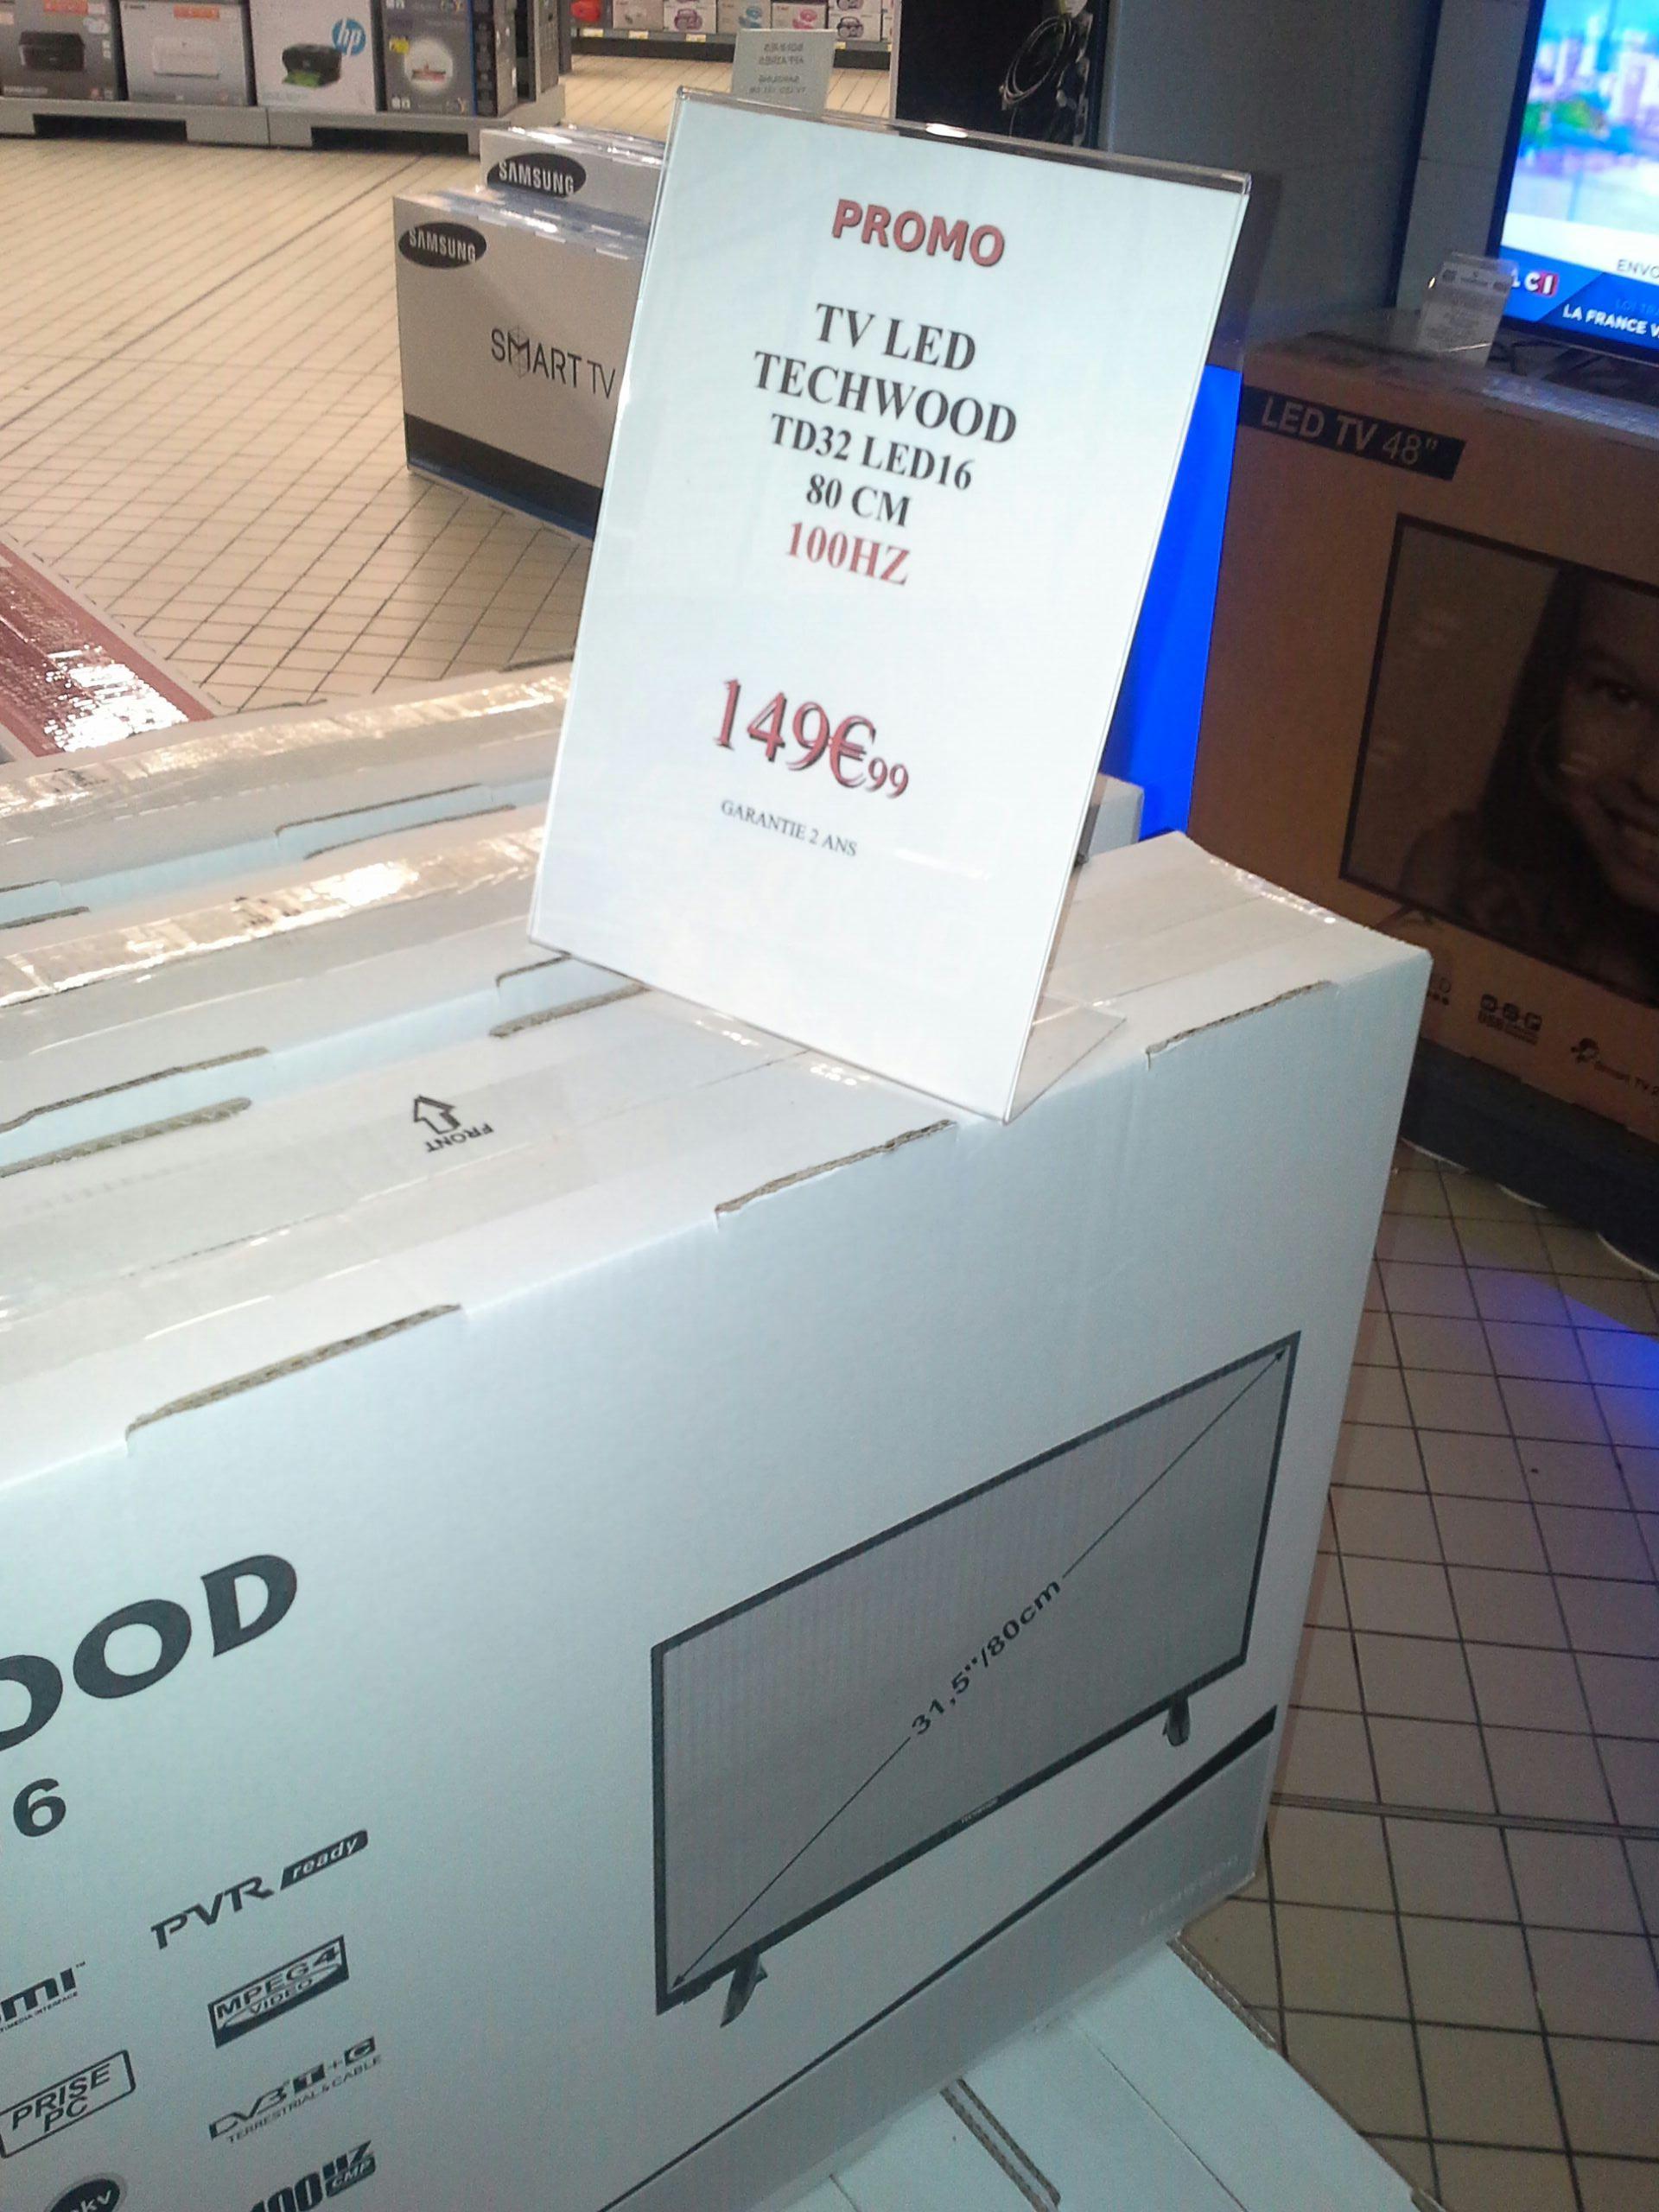 s lection de tv en promo ex tv 32 techwood td32dled16 hd 100 hz. Black Bedroom Furniture Sets. Home Design Ideas